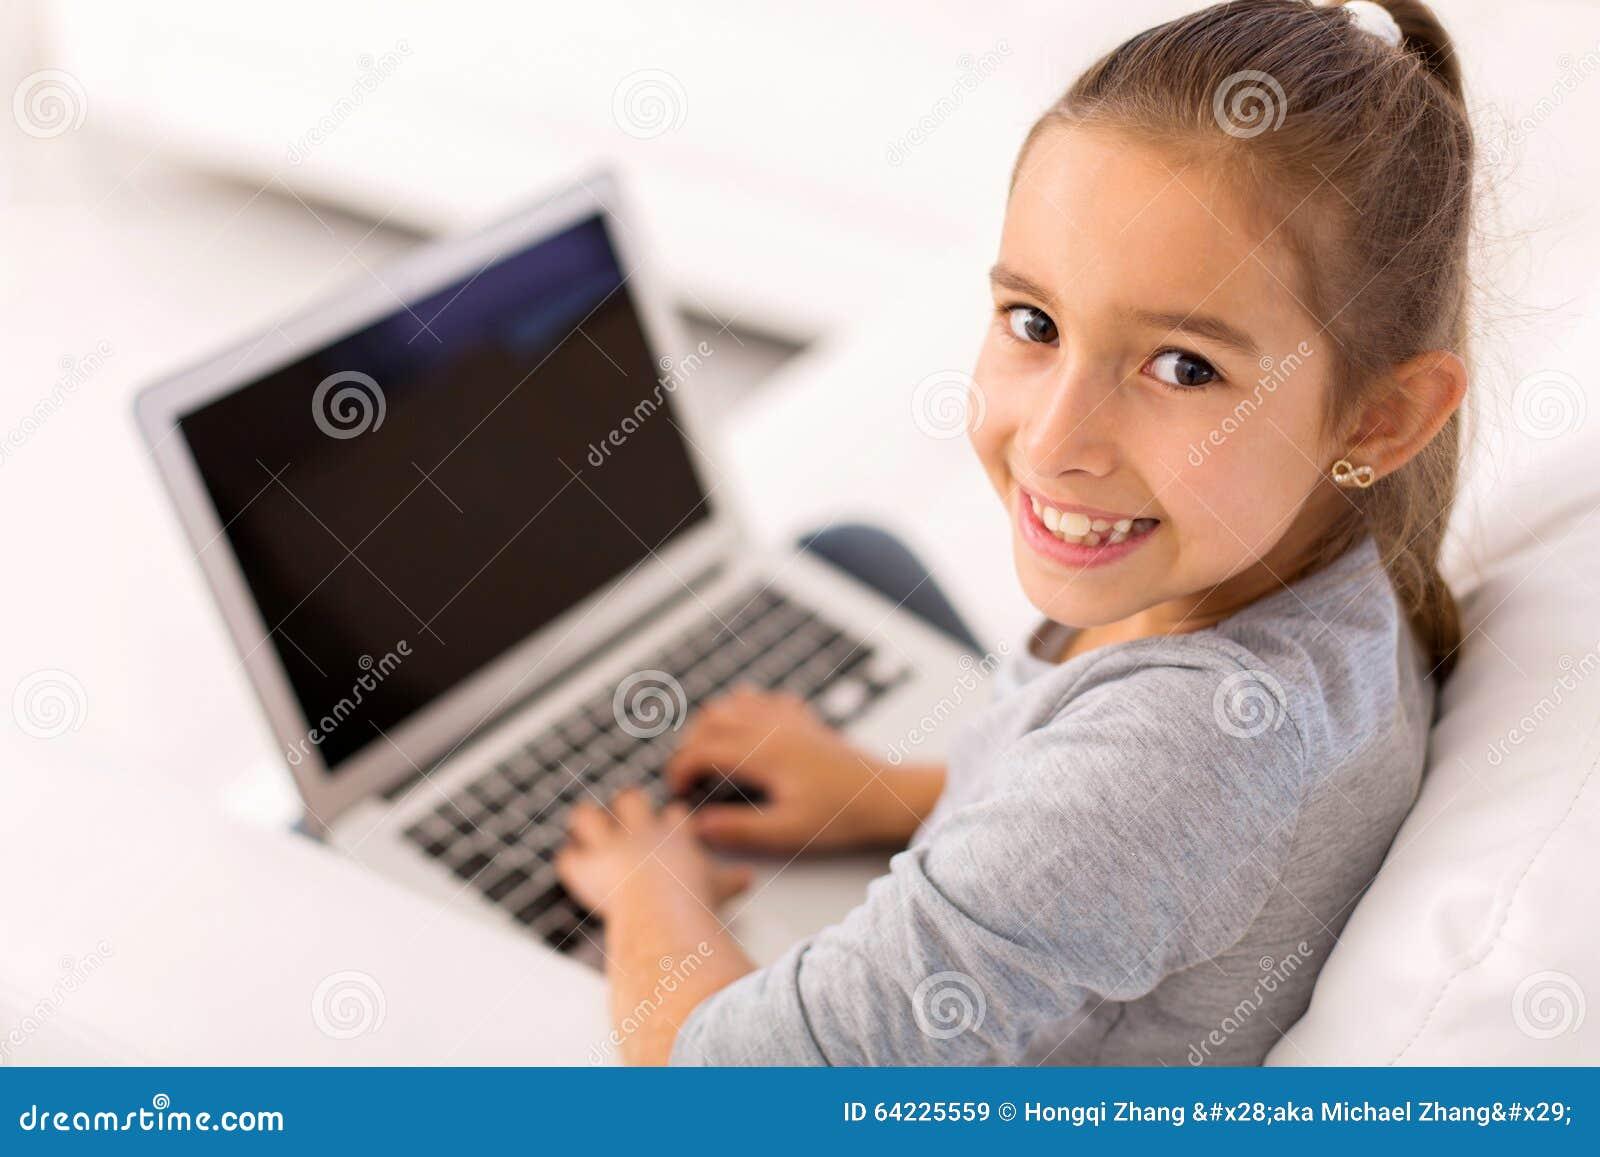 Little girl laptop computer